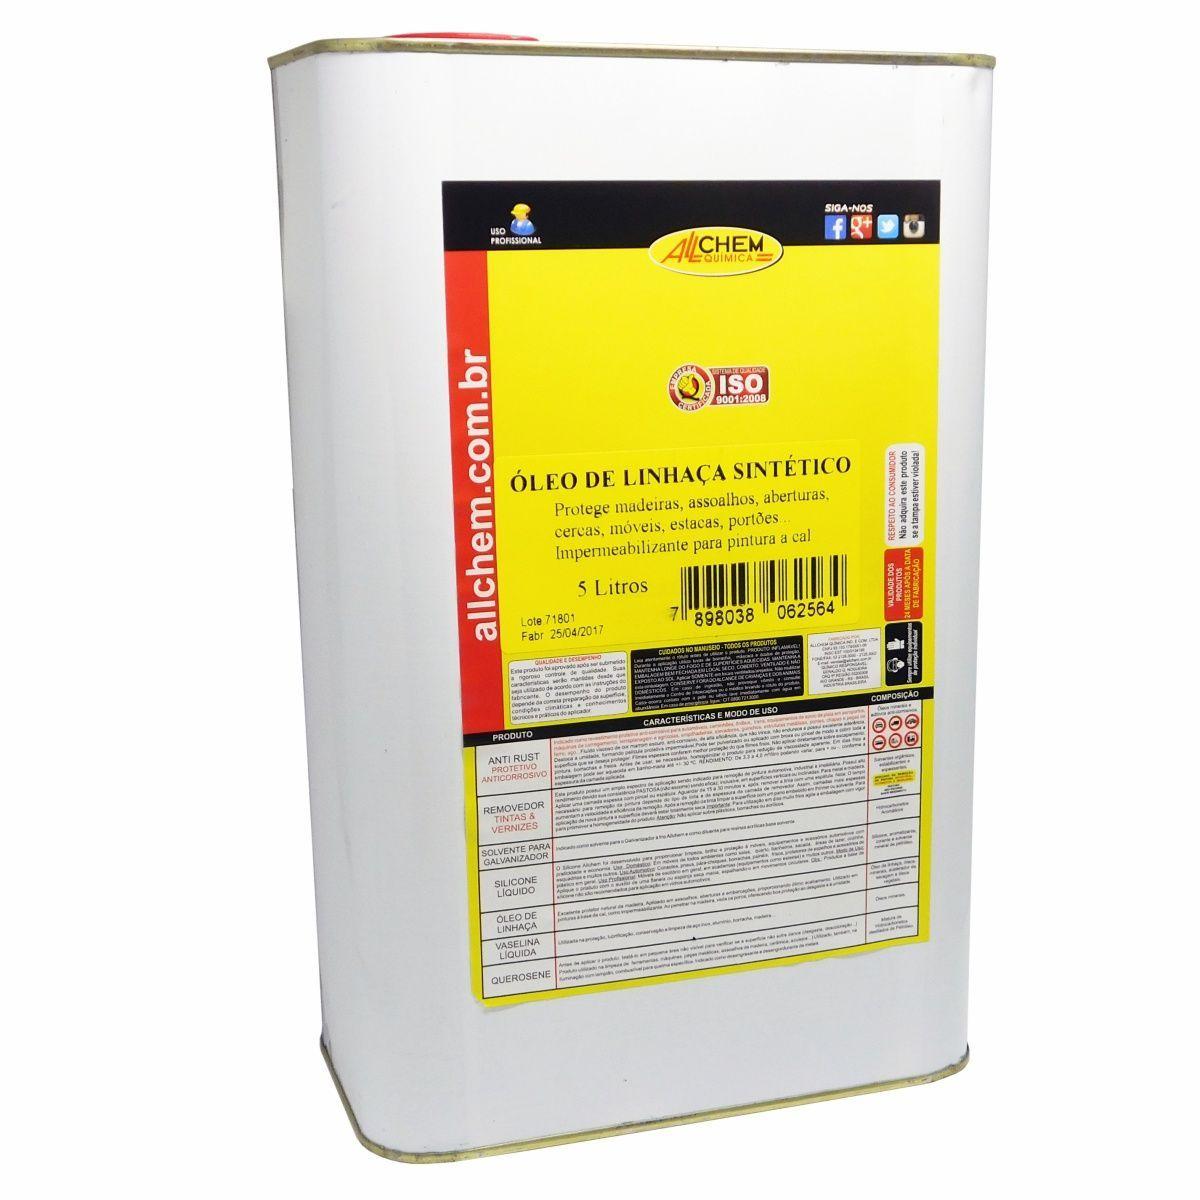 Oleo de Linhaça Sintético 2x5 Litros